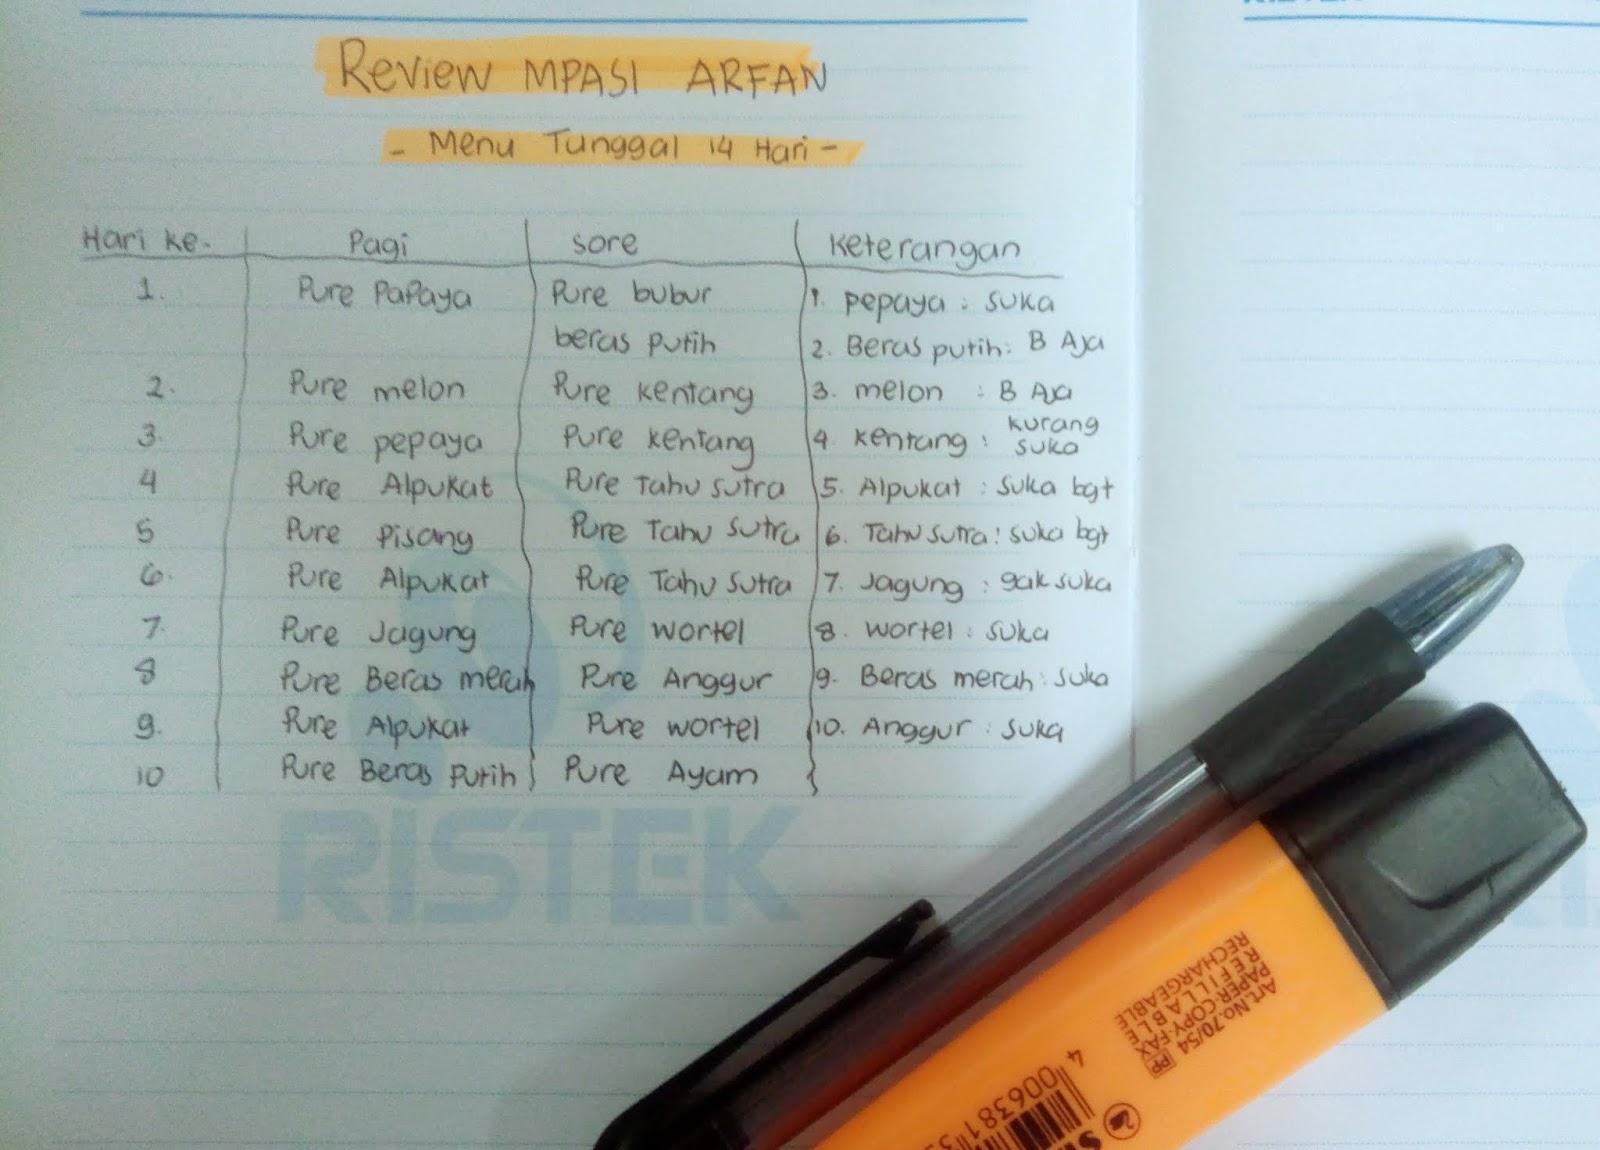 Diary Mpasi Arfan Menu Tunggal 14 Hari Mrs Dinastian